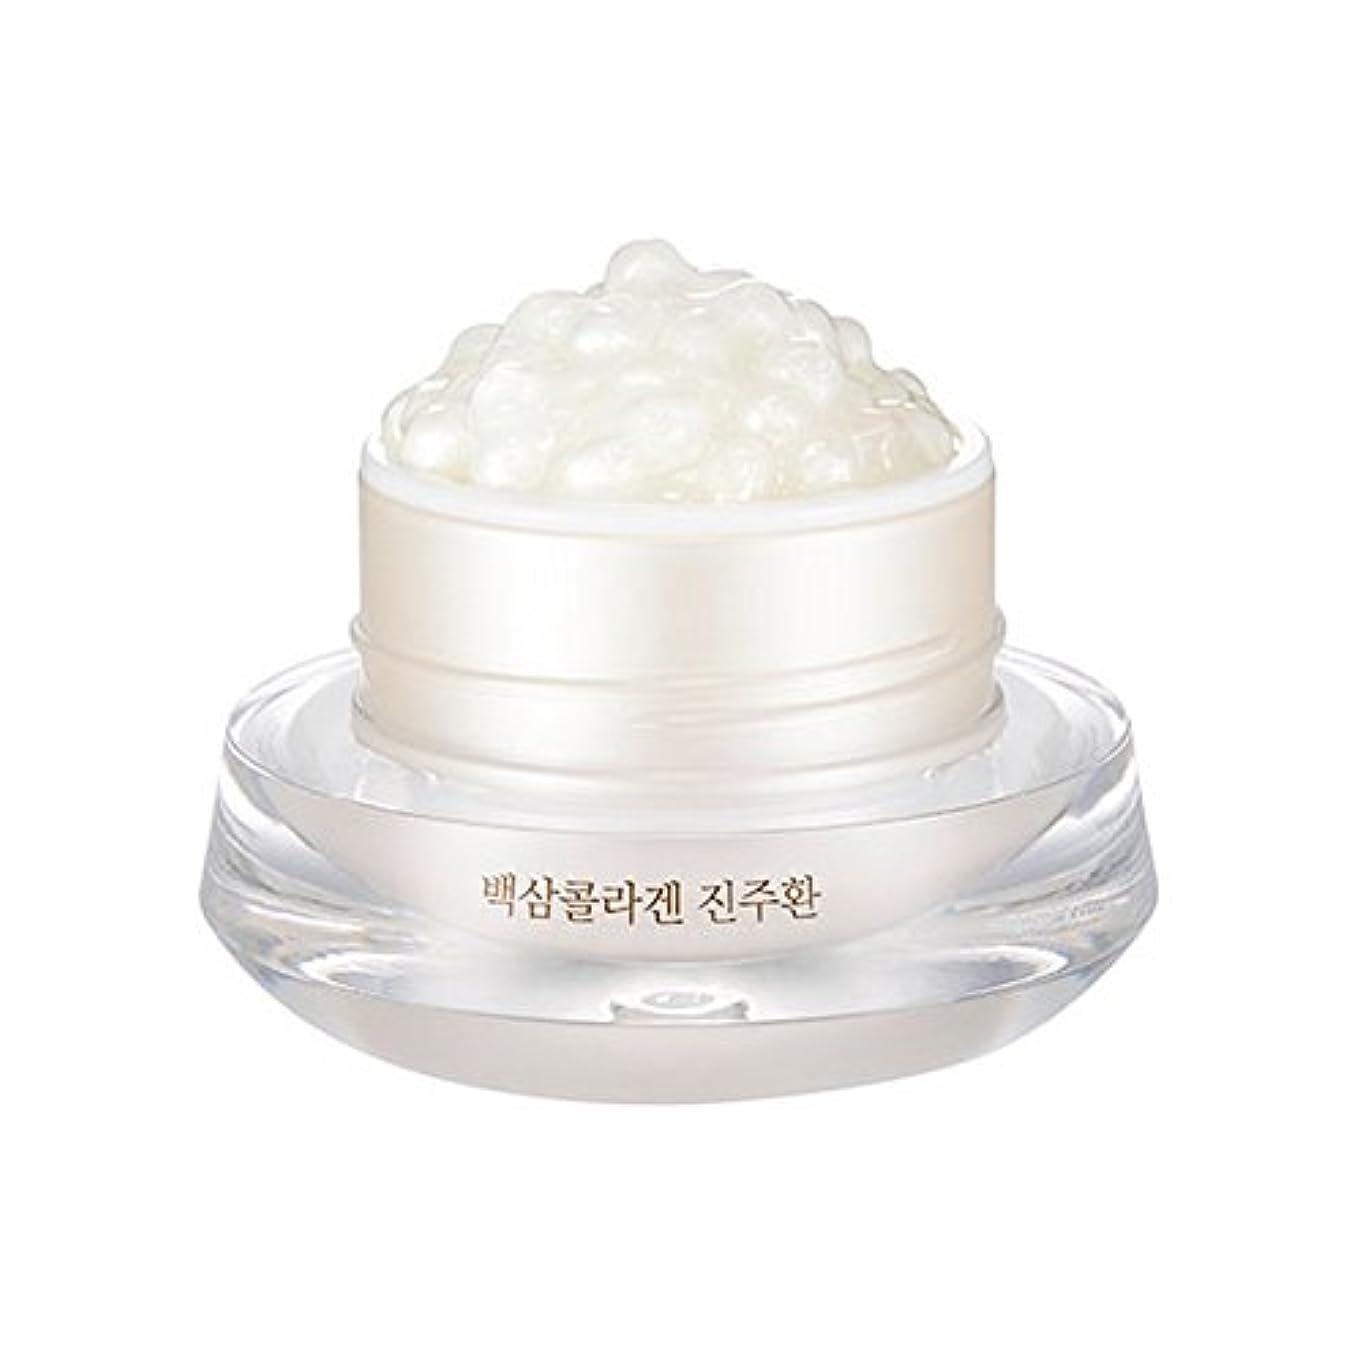 バターマーキング本物の[ザ・フェイスショップ] The Face Shop 白参 コラーゲン パール カプセルクリーム White Ginseng Collagen Pearl Capsule Cream [並行輸入品]